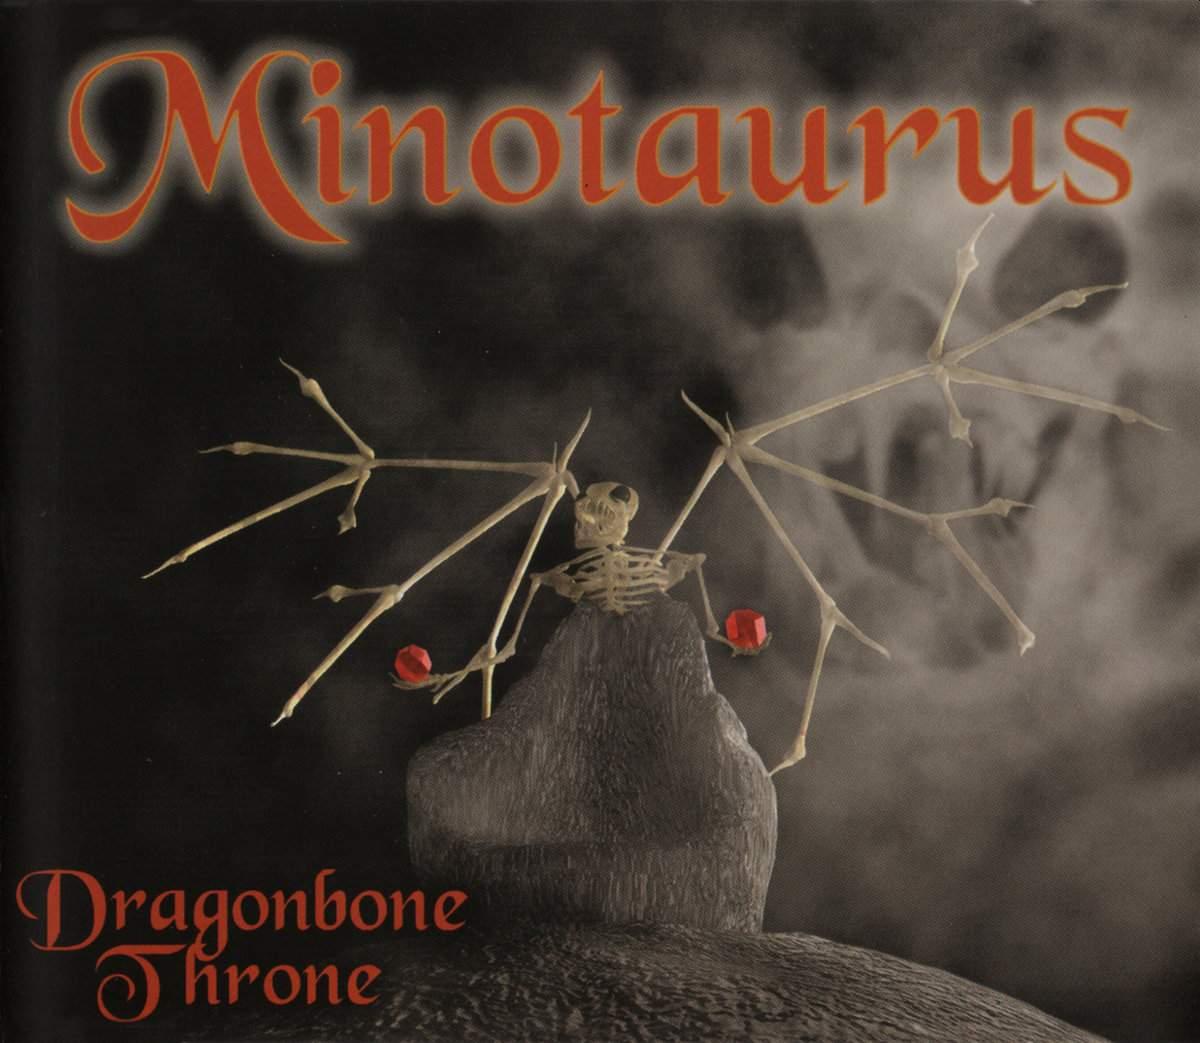 Minotaurus - Dragonbone Throne